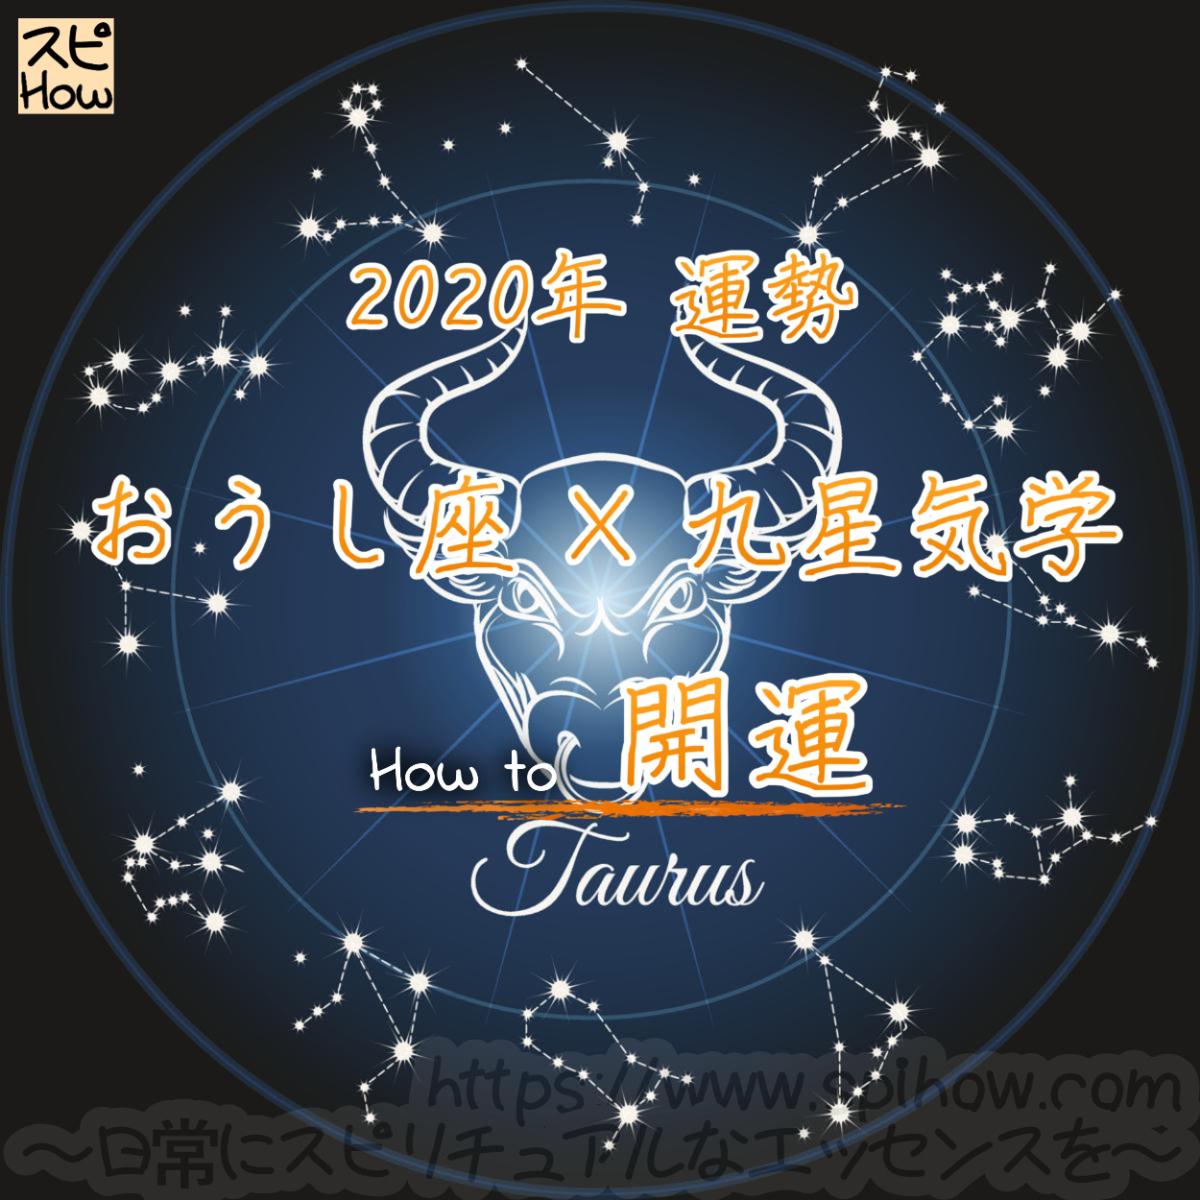 【おうし座×九星気学】2020年の運勢を星占いと九星気学で知る方法のアイキャッチ画像